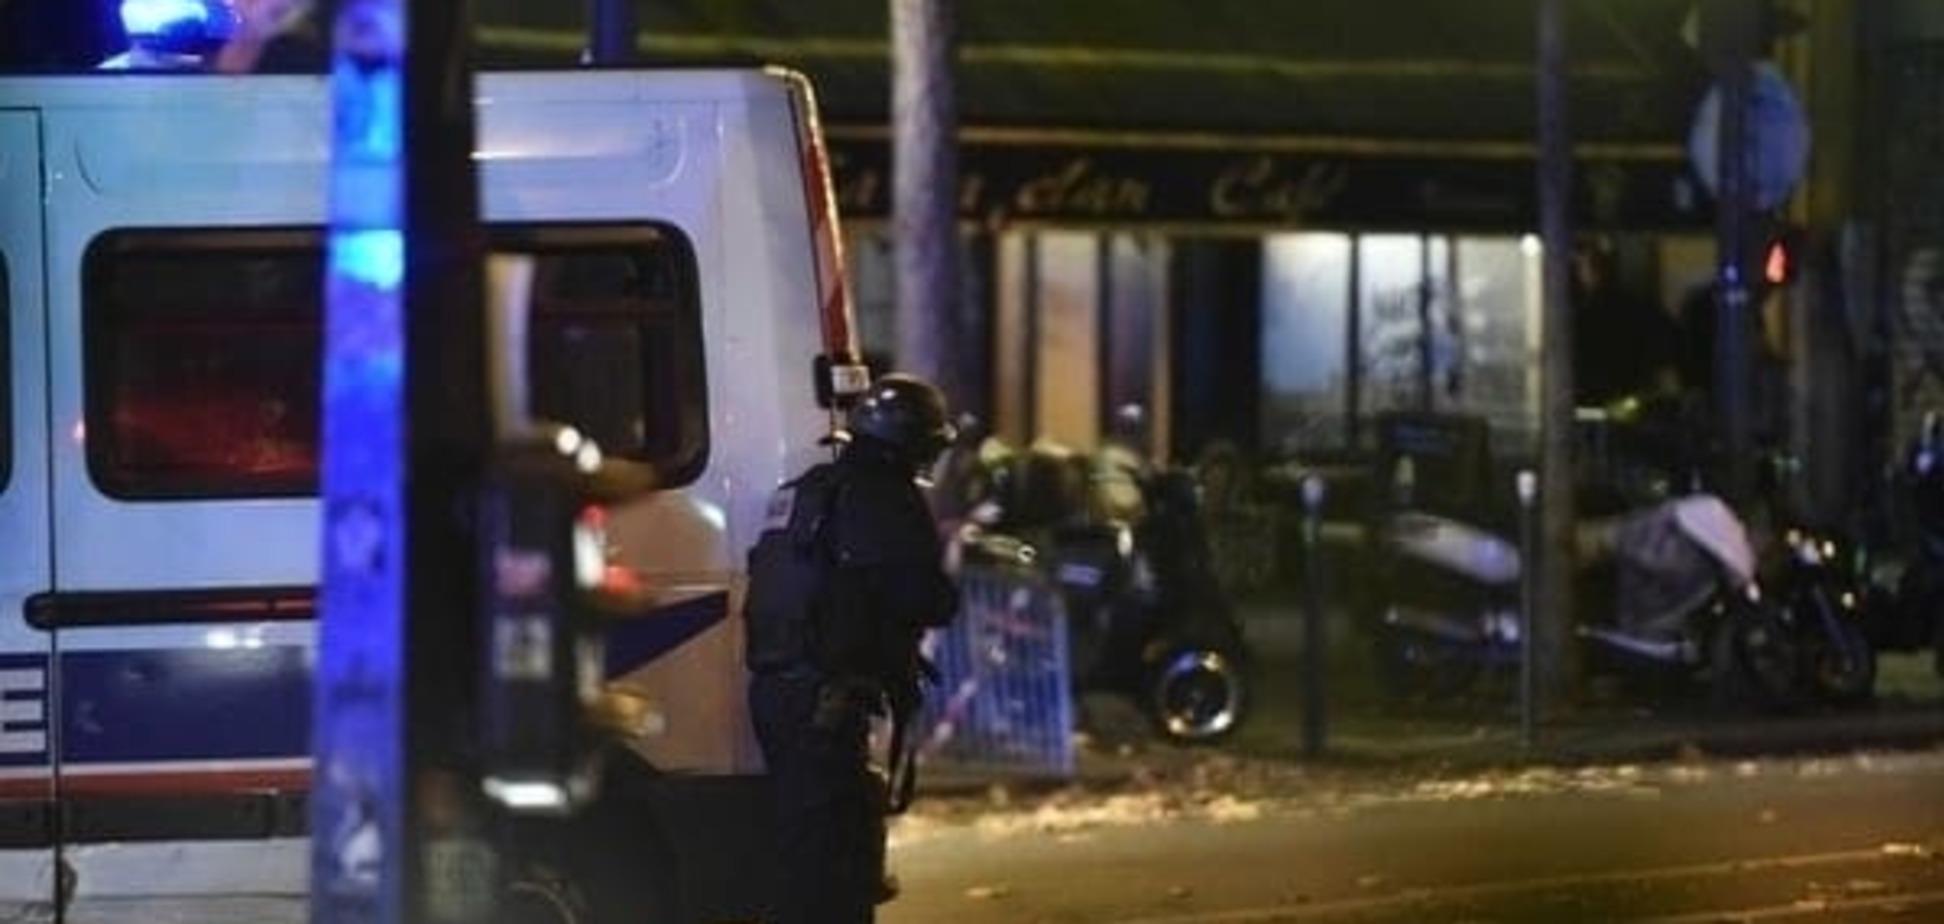 Усі від 20 років: у Франції ідентифікували 117 зі 129 жертв терактів